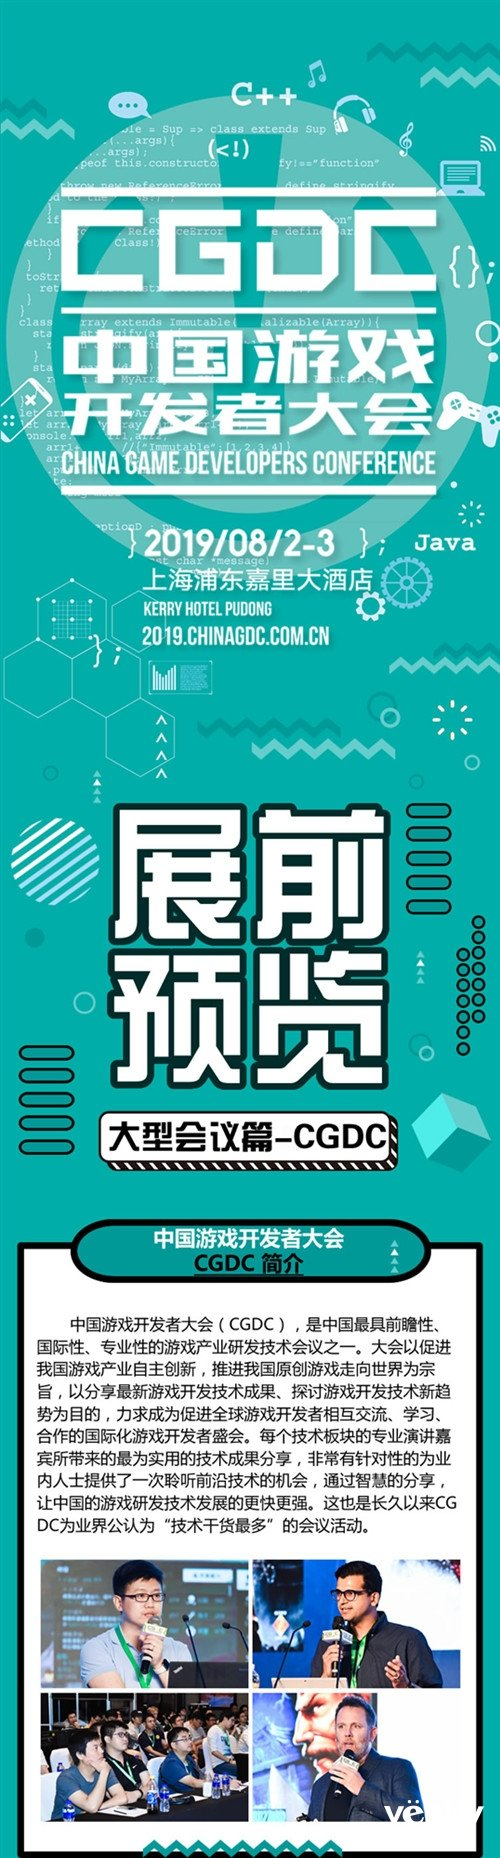 2019年第十七届ChinaJoy展前预览(大型会议篇―CGDC)正式发布!